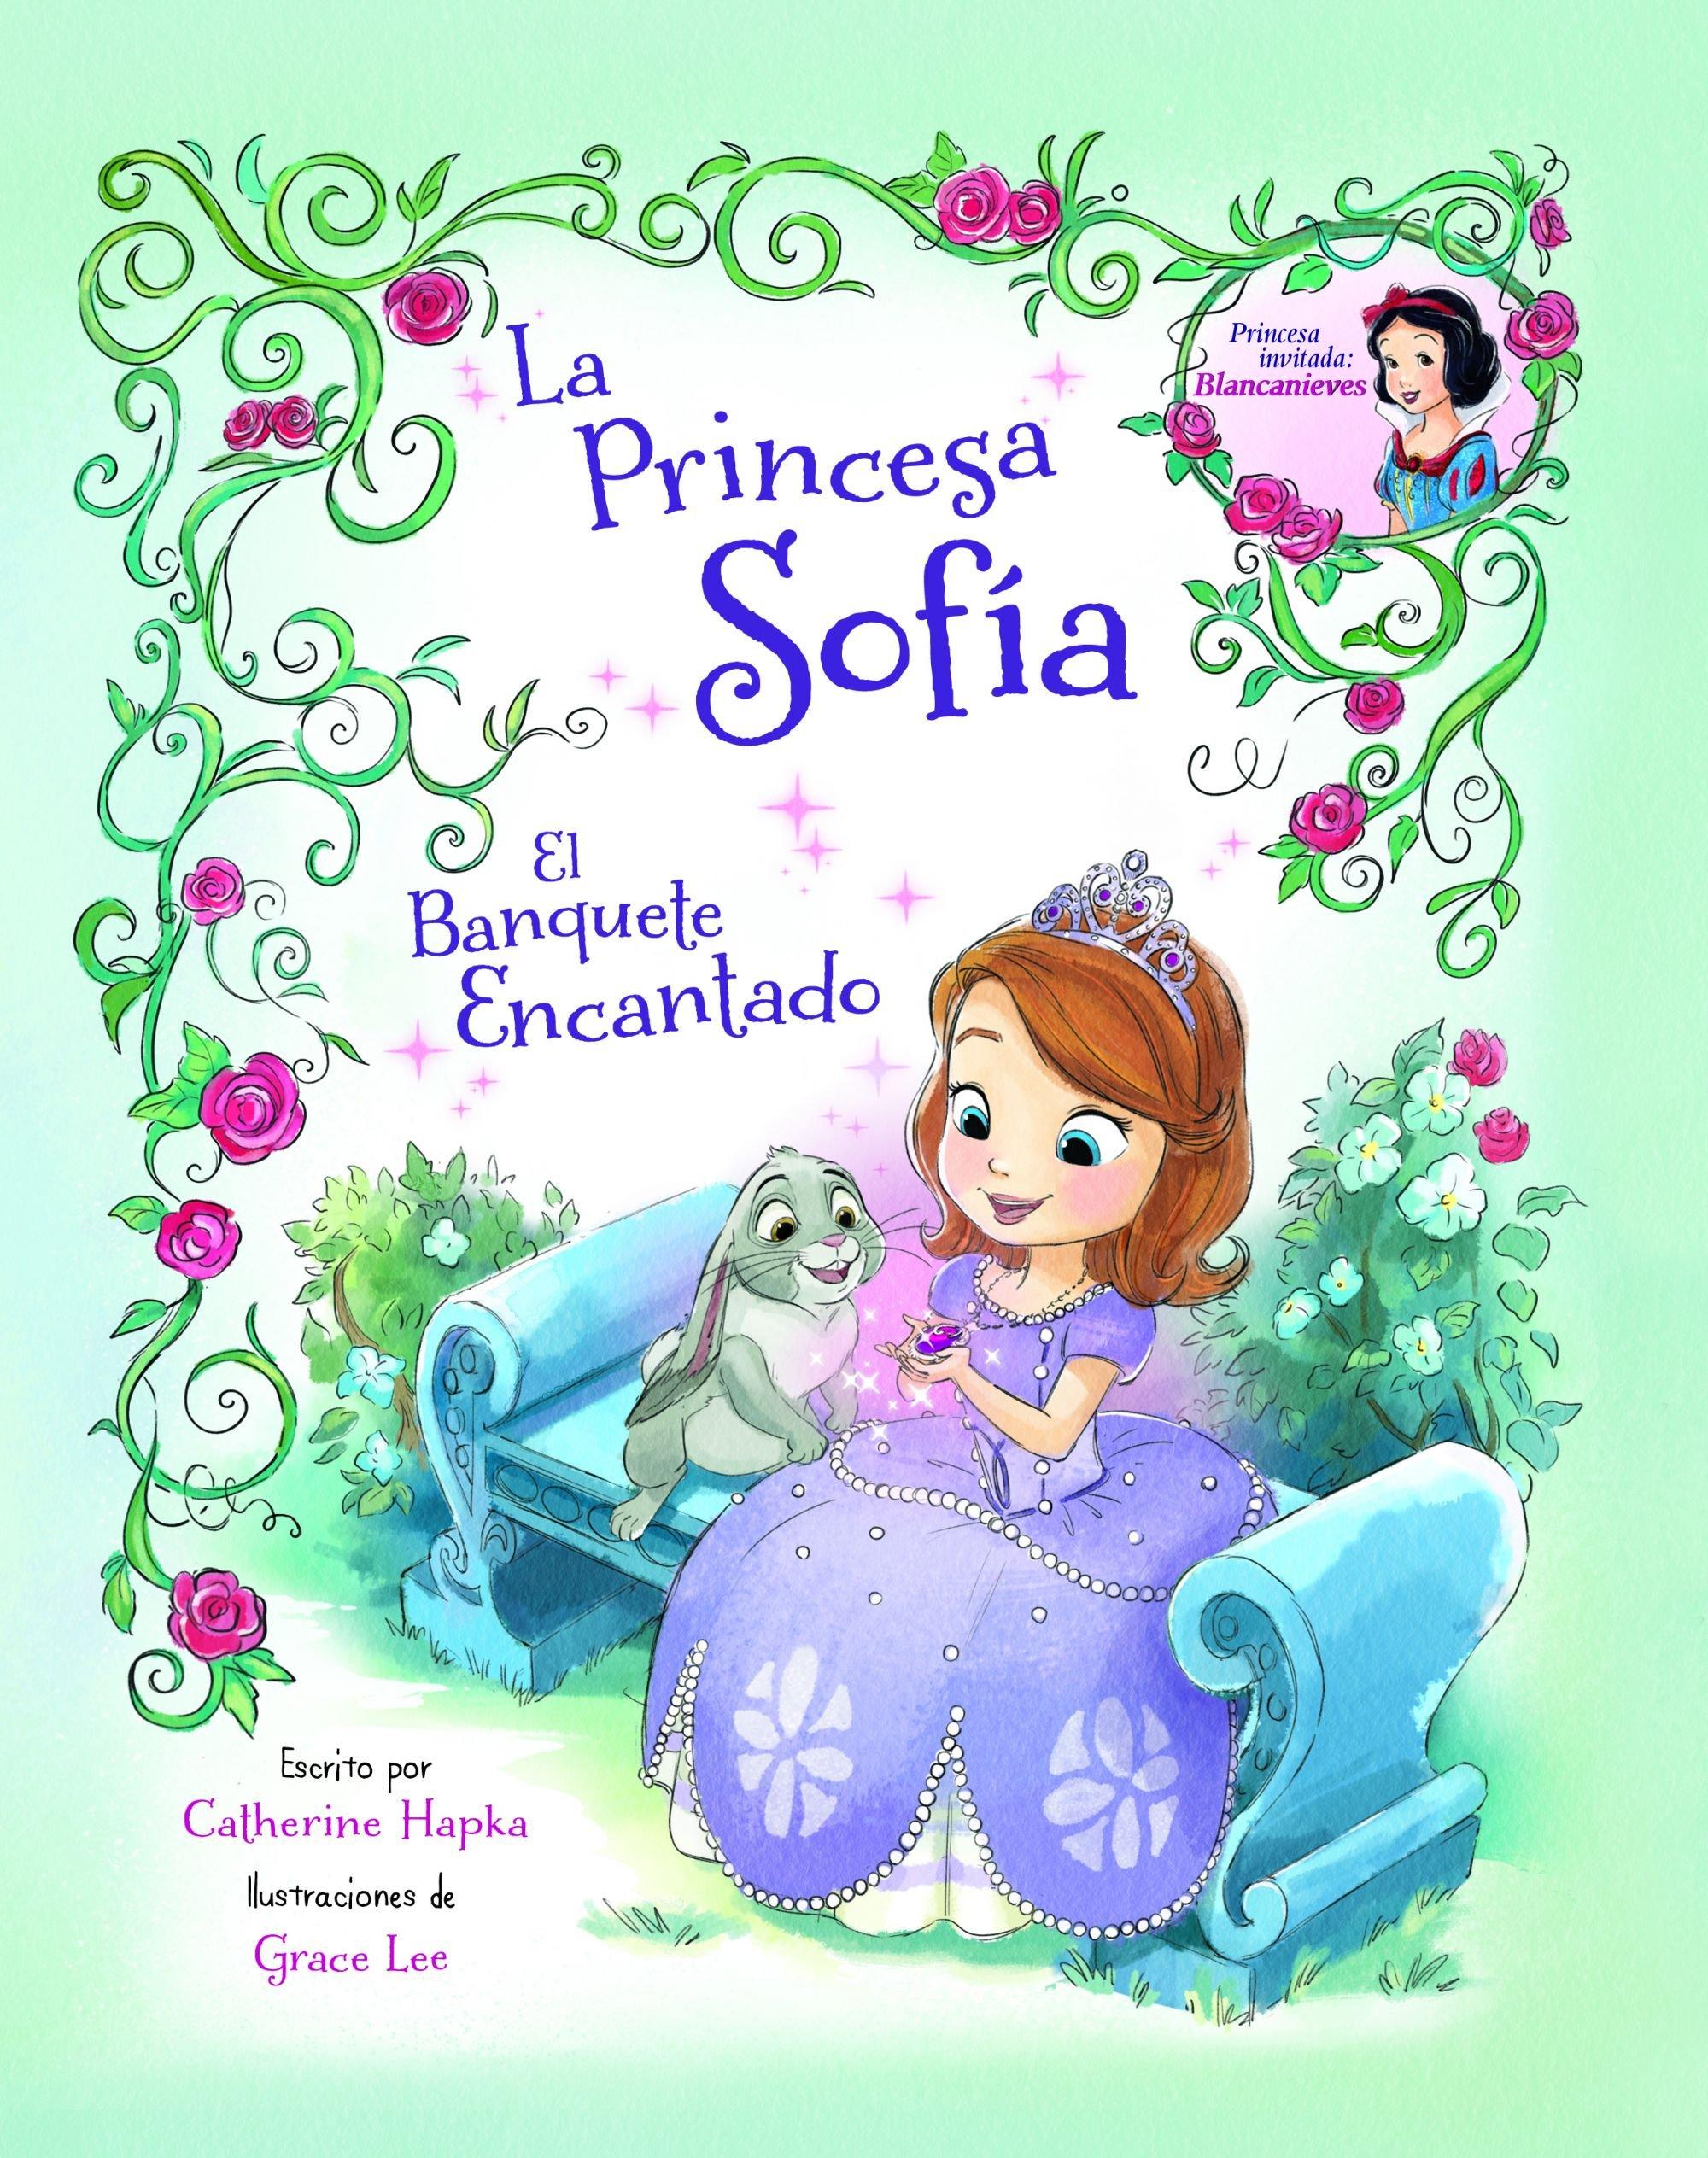 La Princesa Sofía. El Banquete Encantado Disney. Princesa Sofía: Amazon.es: Disney, Editorial Planeta S. A.: Libros